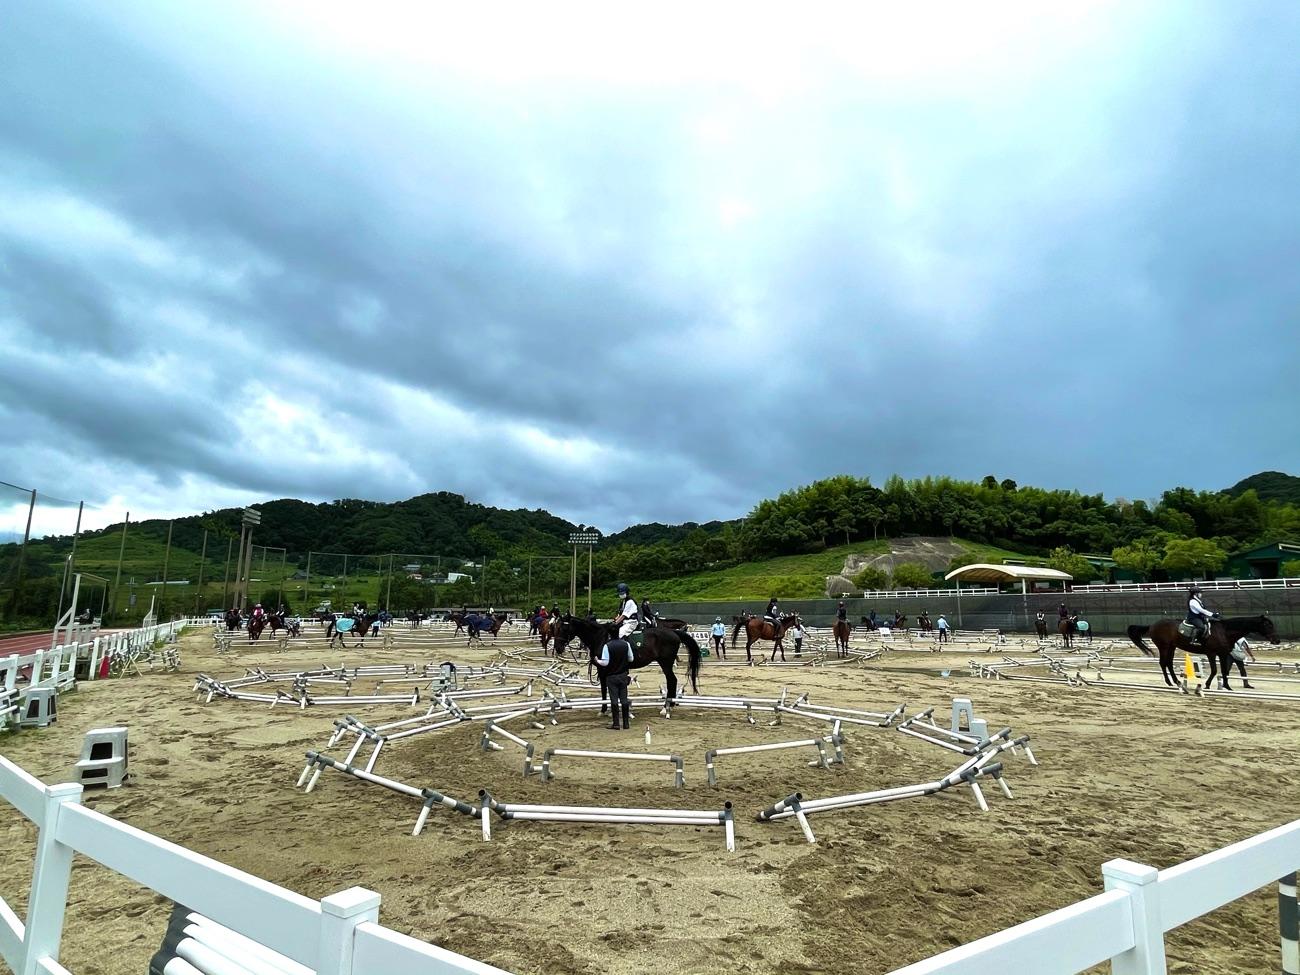 「乗馬クラブ クレイン学研枚方」の馬場